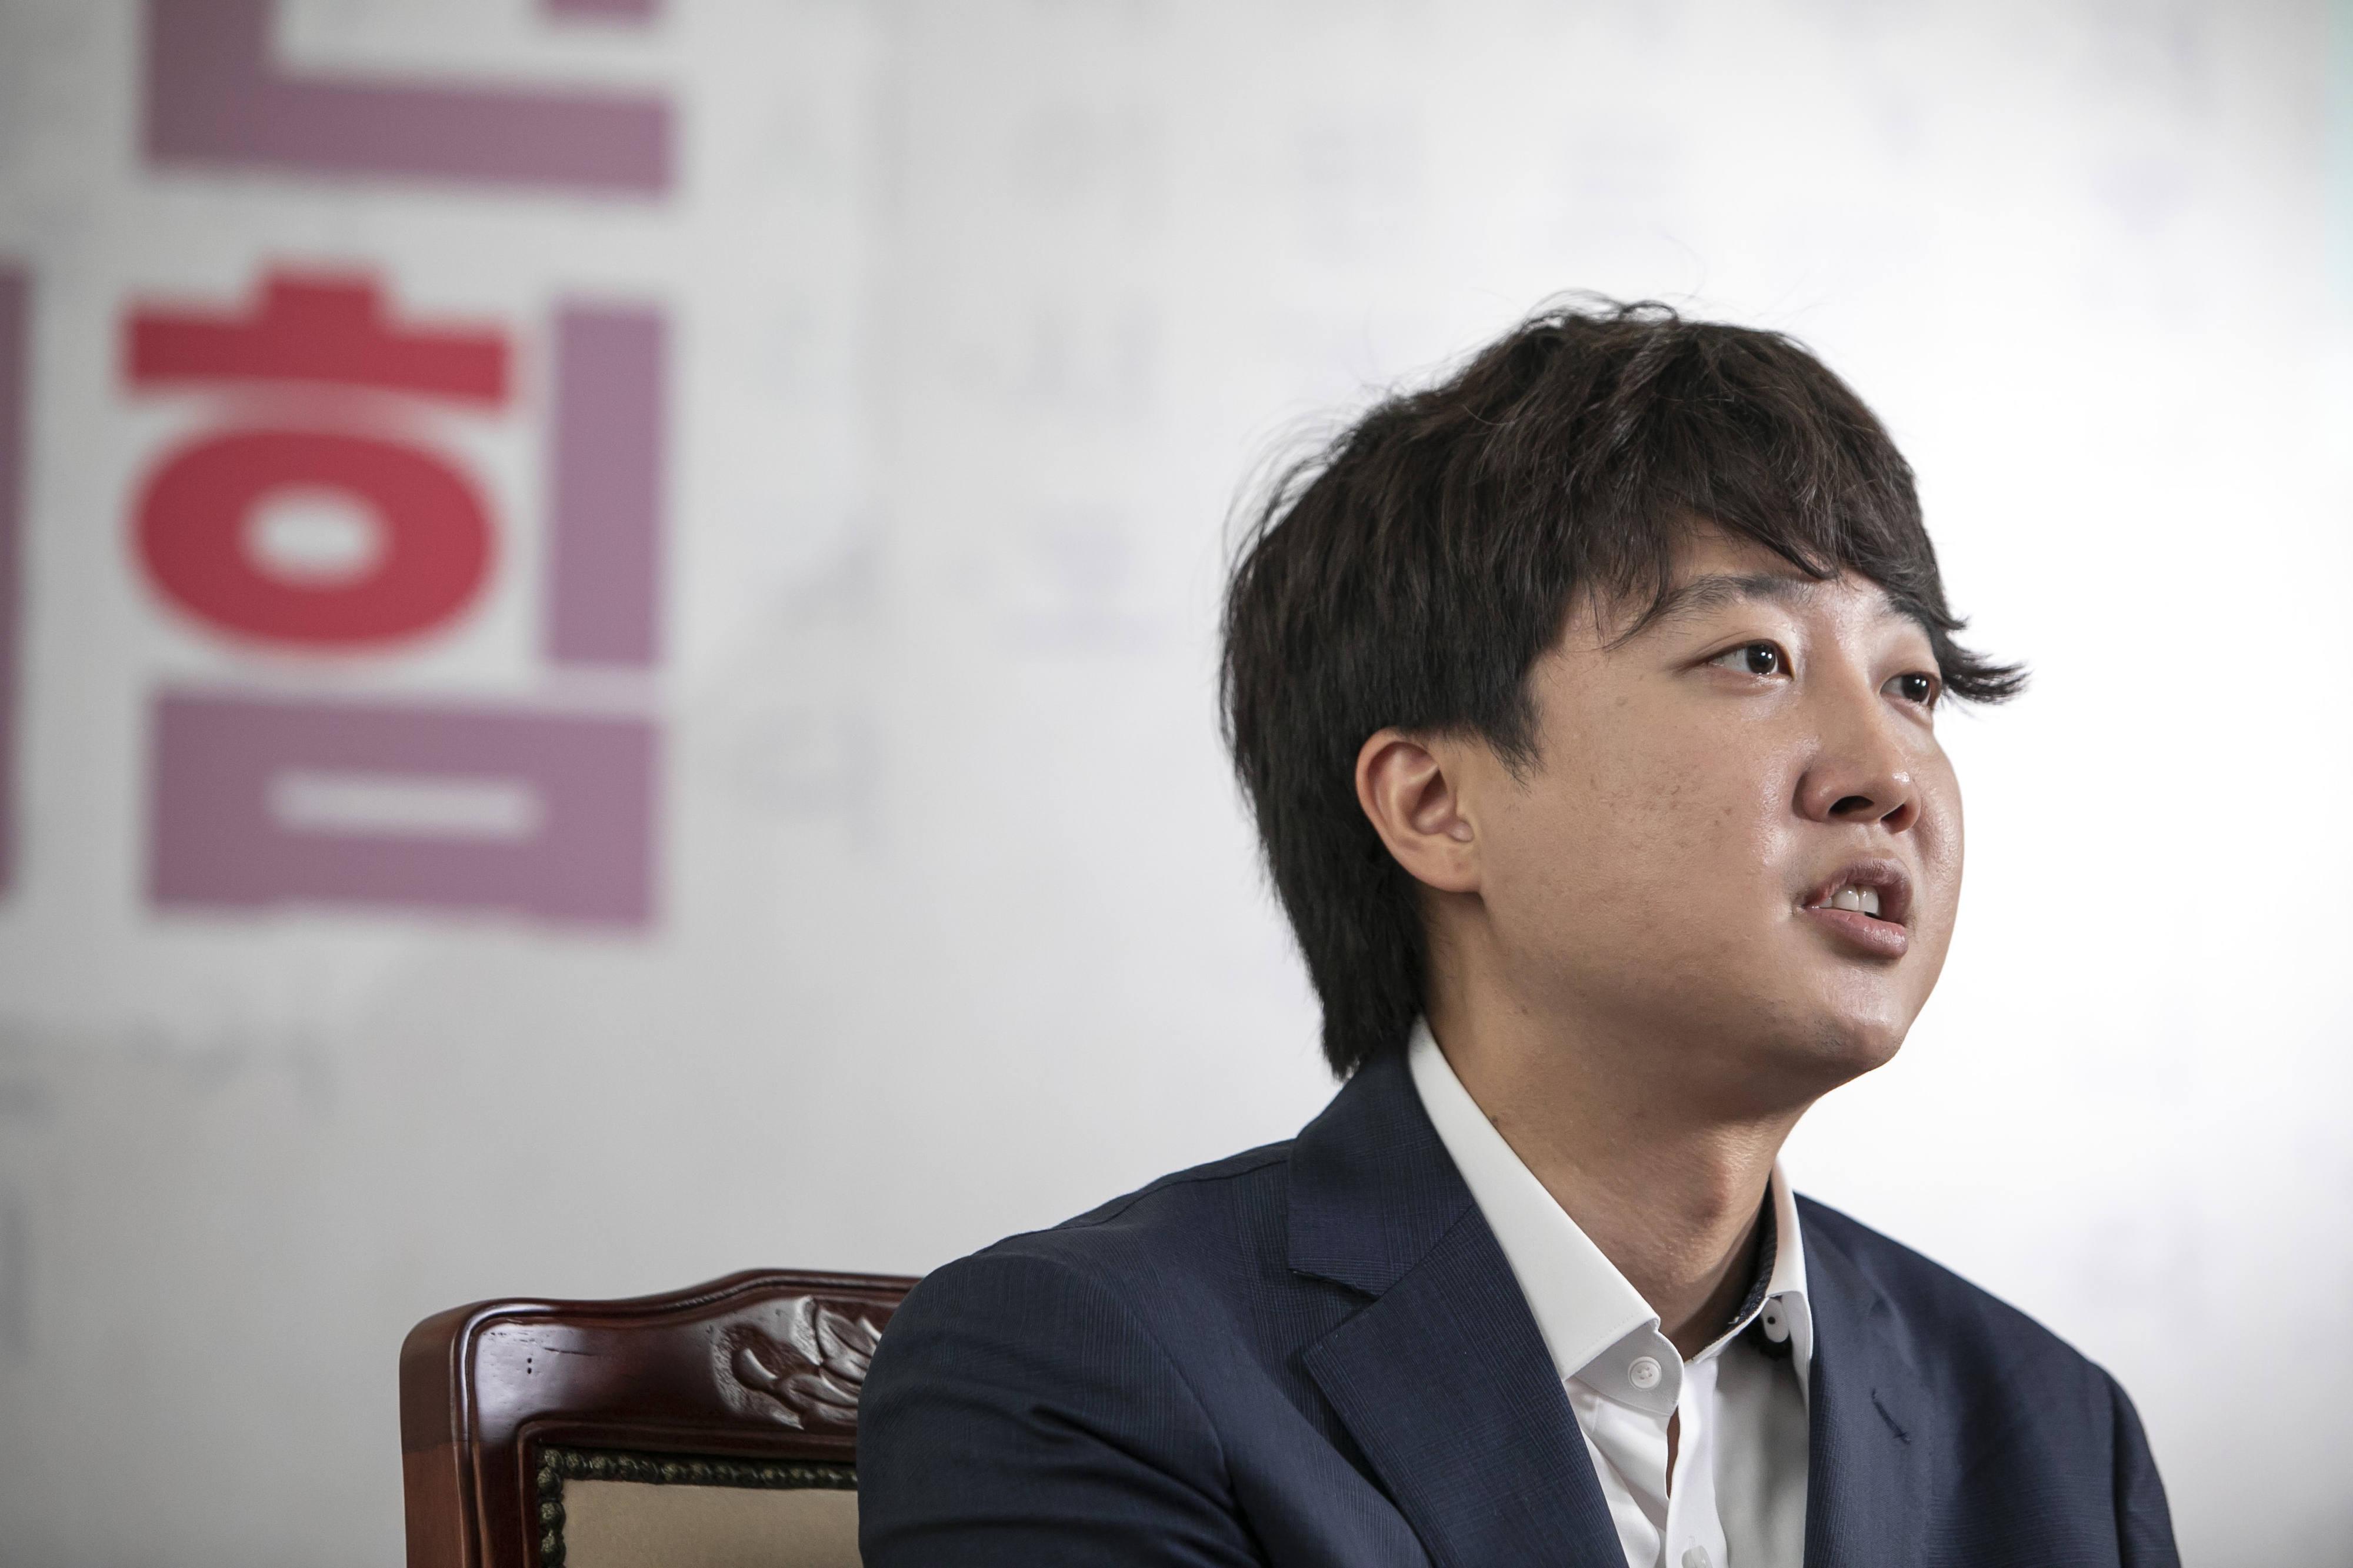 Entretien avec le chef du parti d'opposition sud-coréen PPP Lee Jun-seok